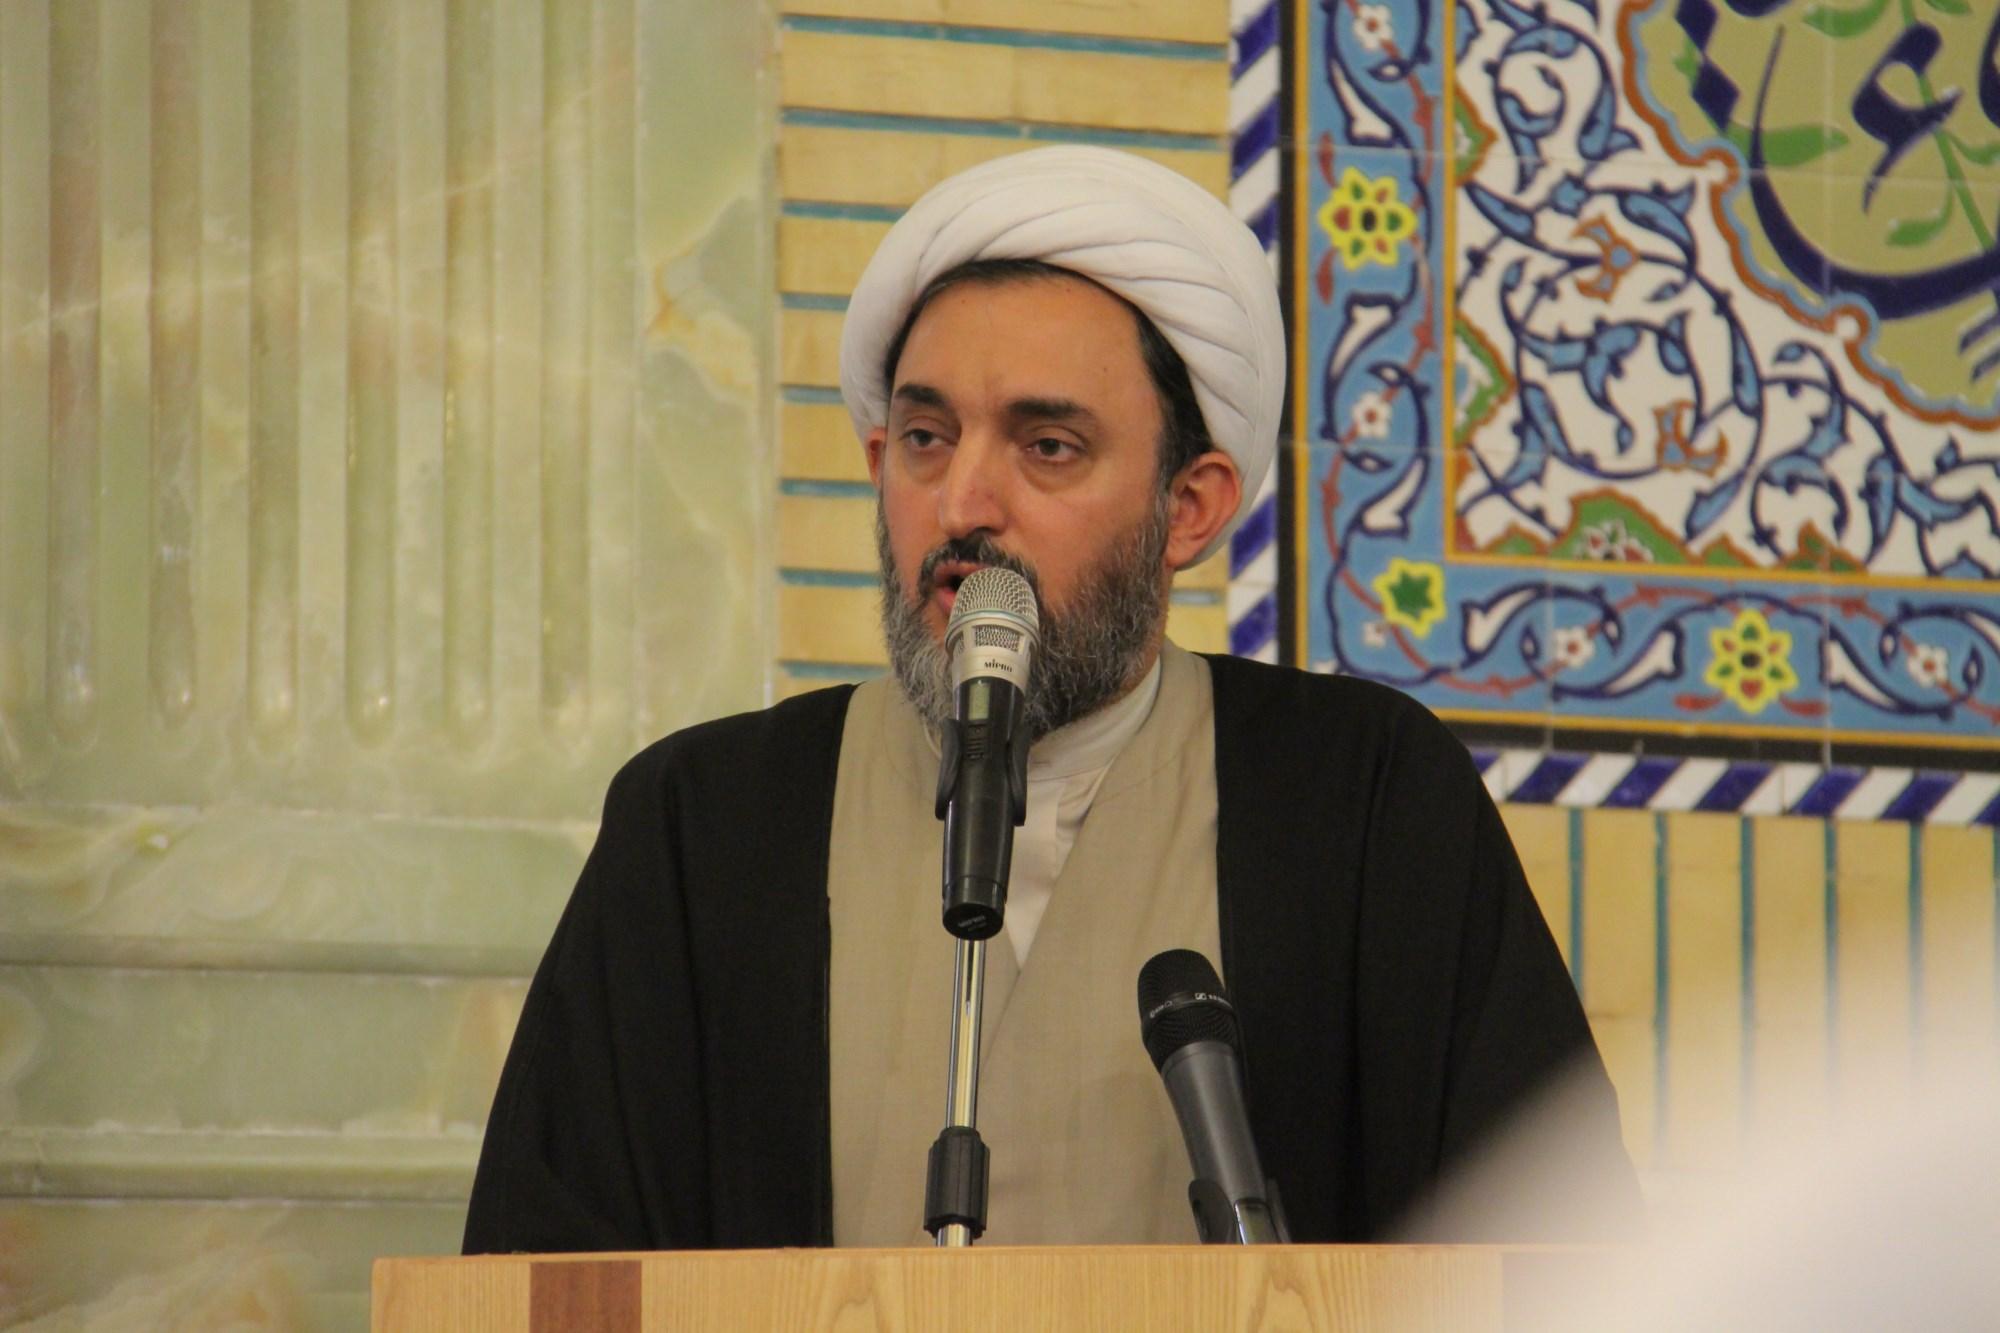 حجت الاسلام محمد حاج ابوالقاسمی دولابی